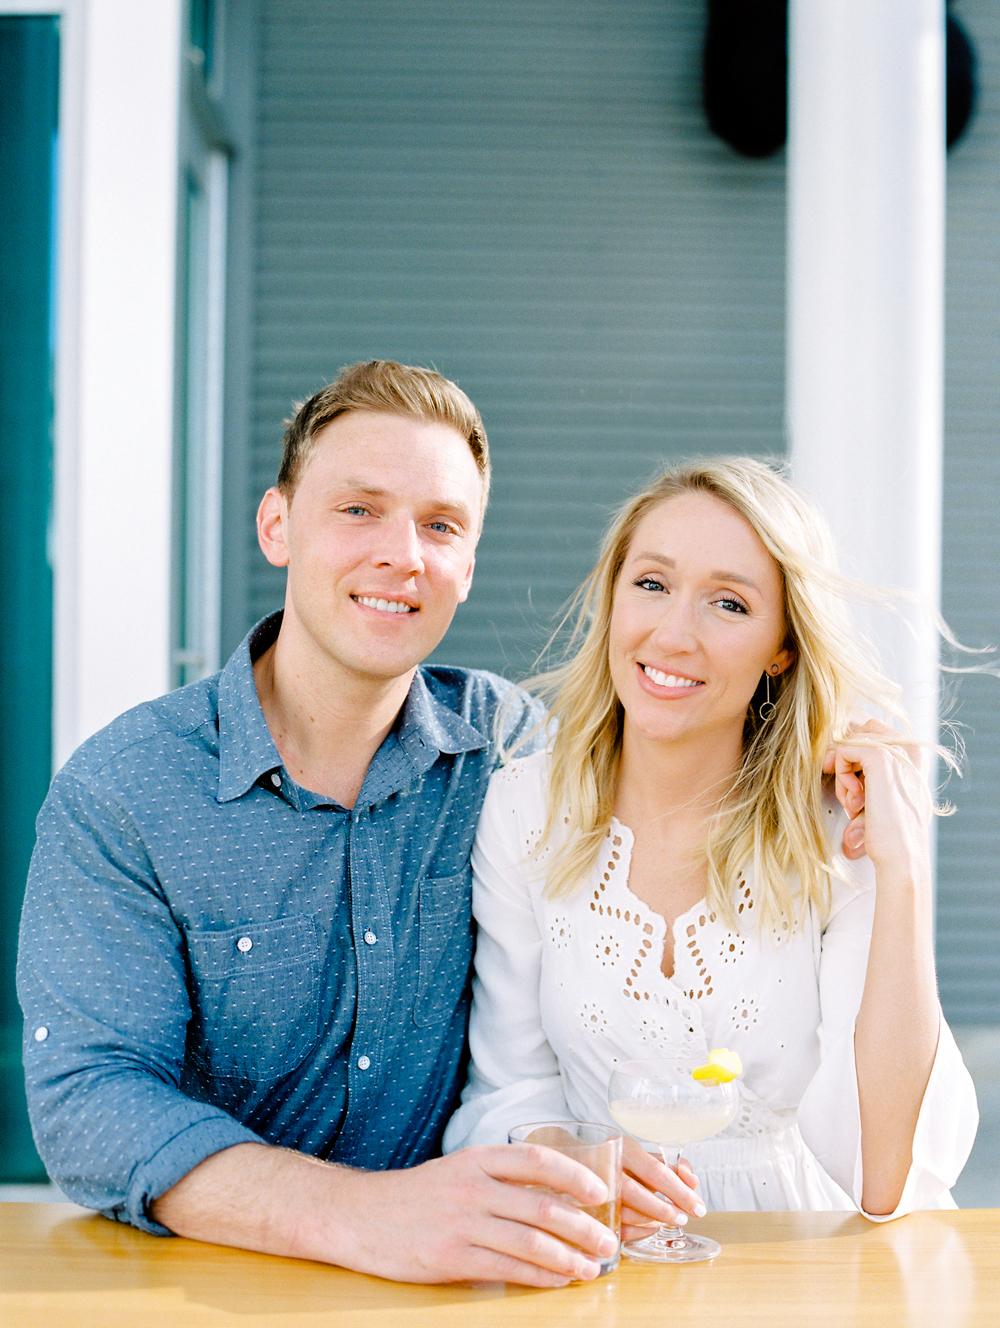 Best-Austin-Denver-California-Wedding-Photographers-fine-art-film-Engagement-Session-51.jpg